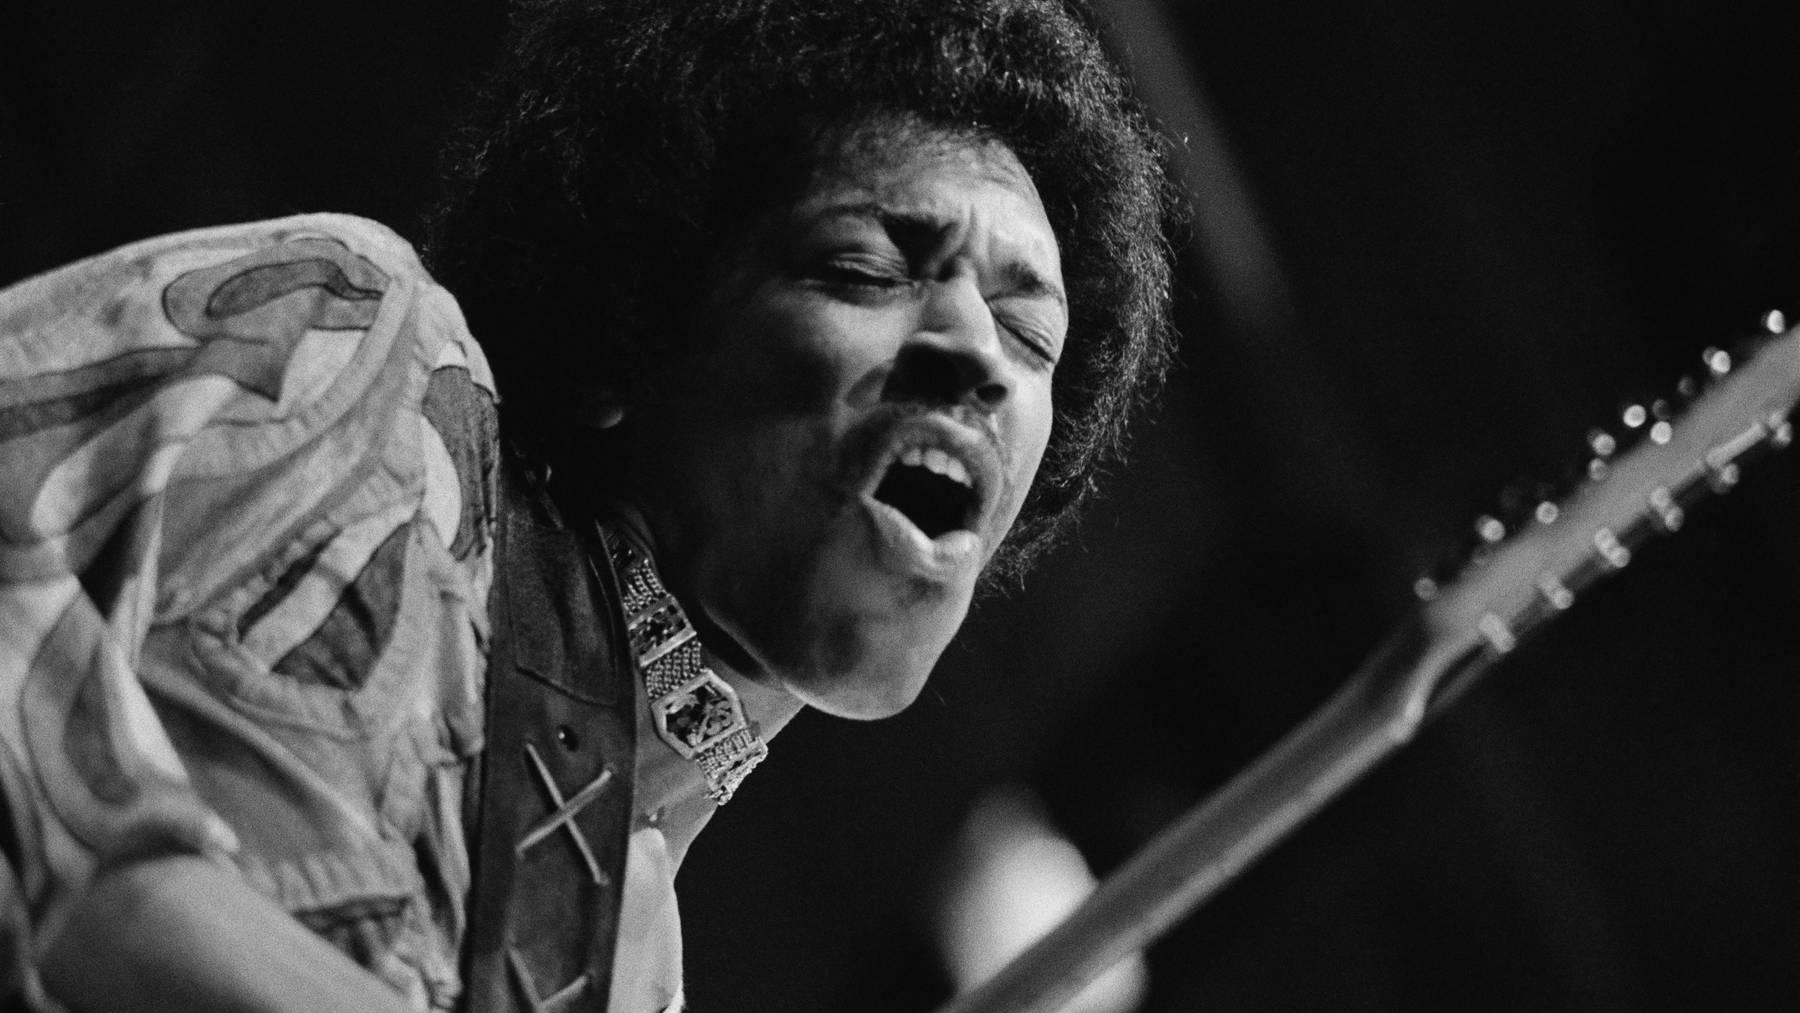 Die Legende Jimi Hendrix ist seit 45 Jahren tot. (Getty Images)